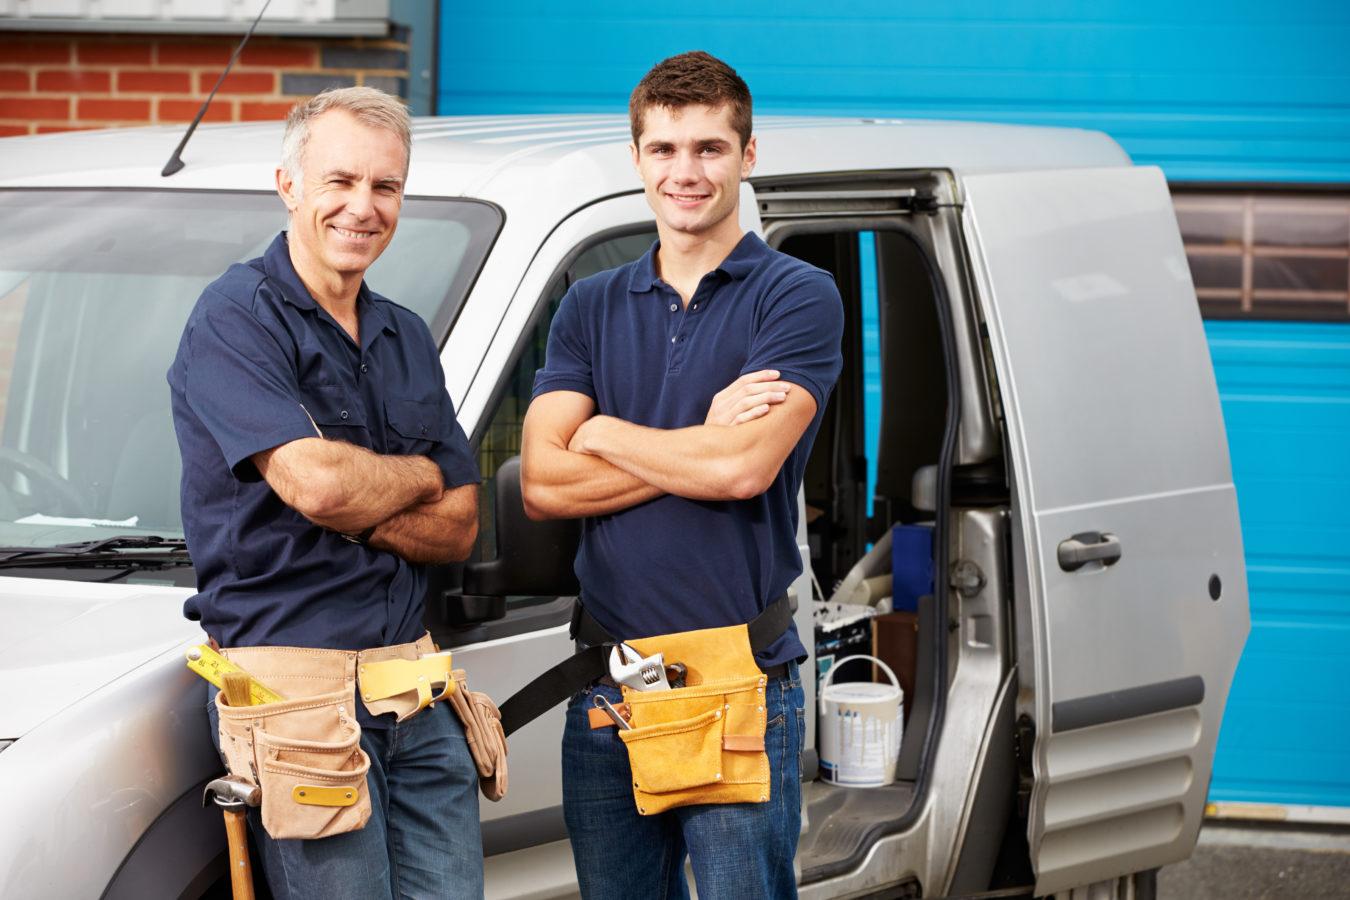 Les PME romandes expriment une confiance prudente en l'avenir